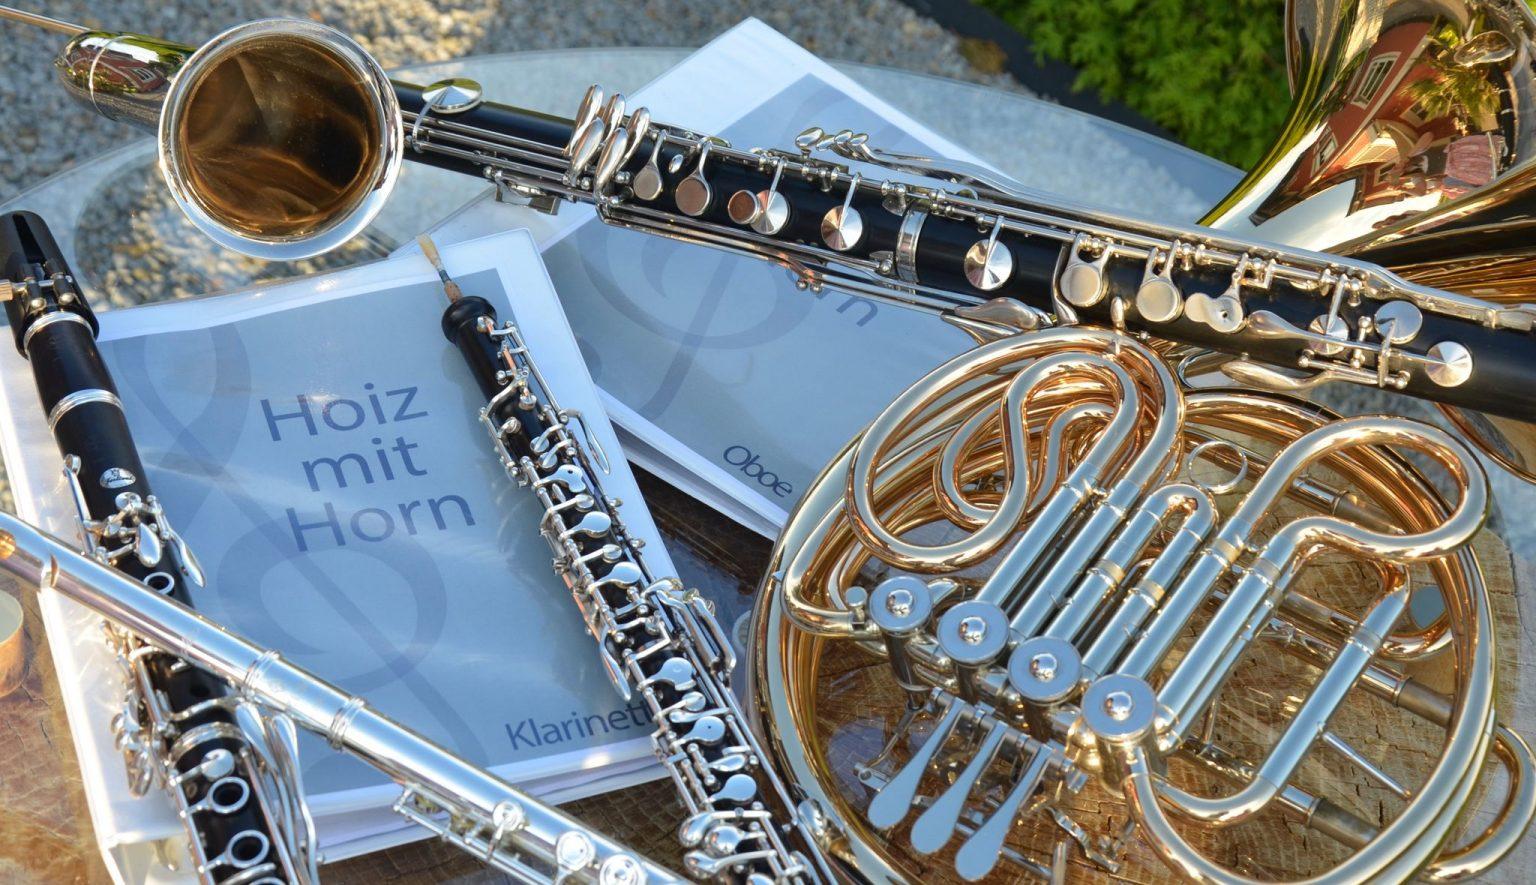 Hoiz mit Horn Instrumente